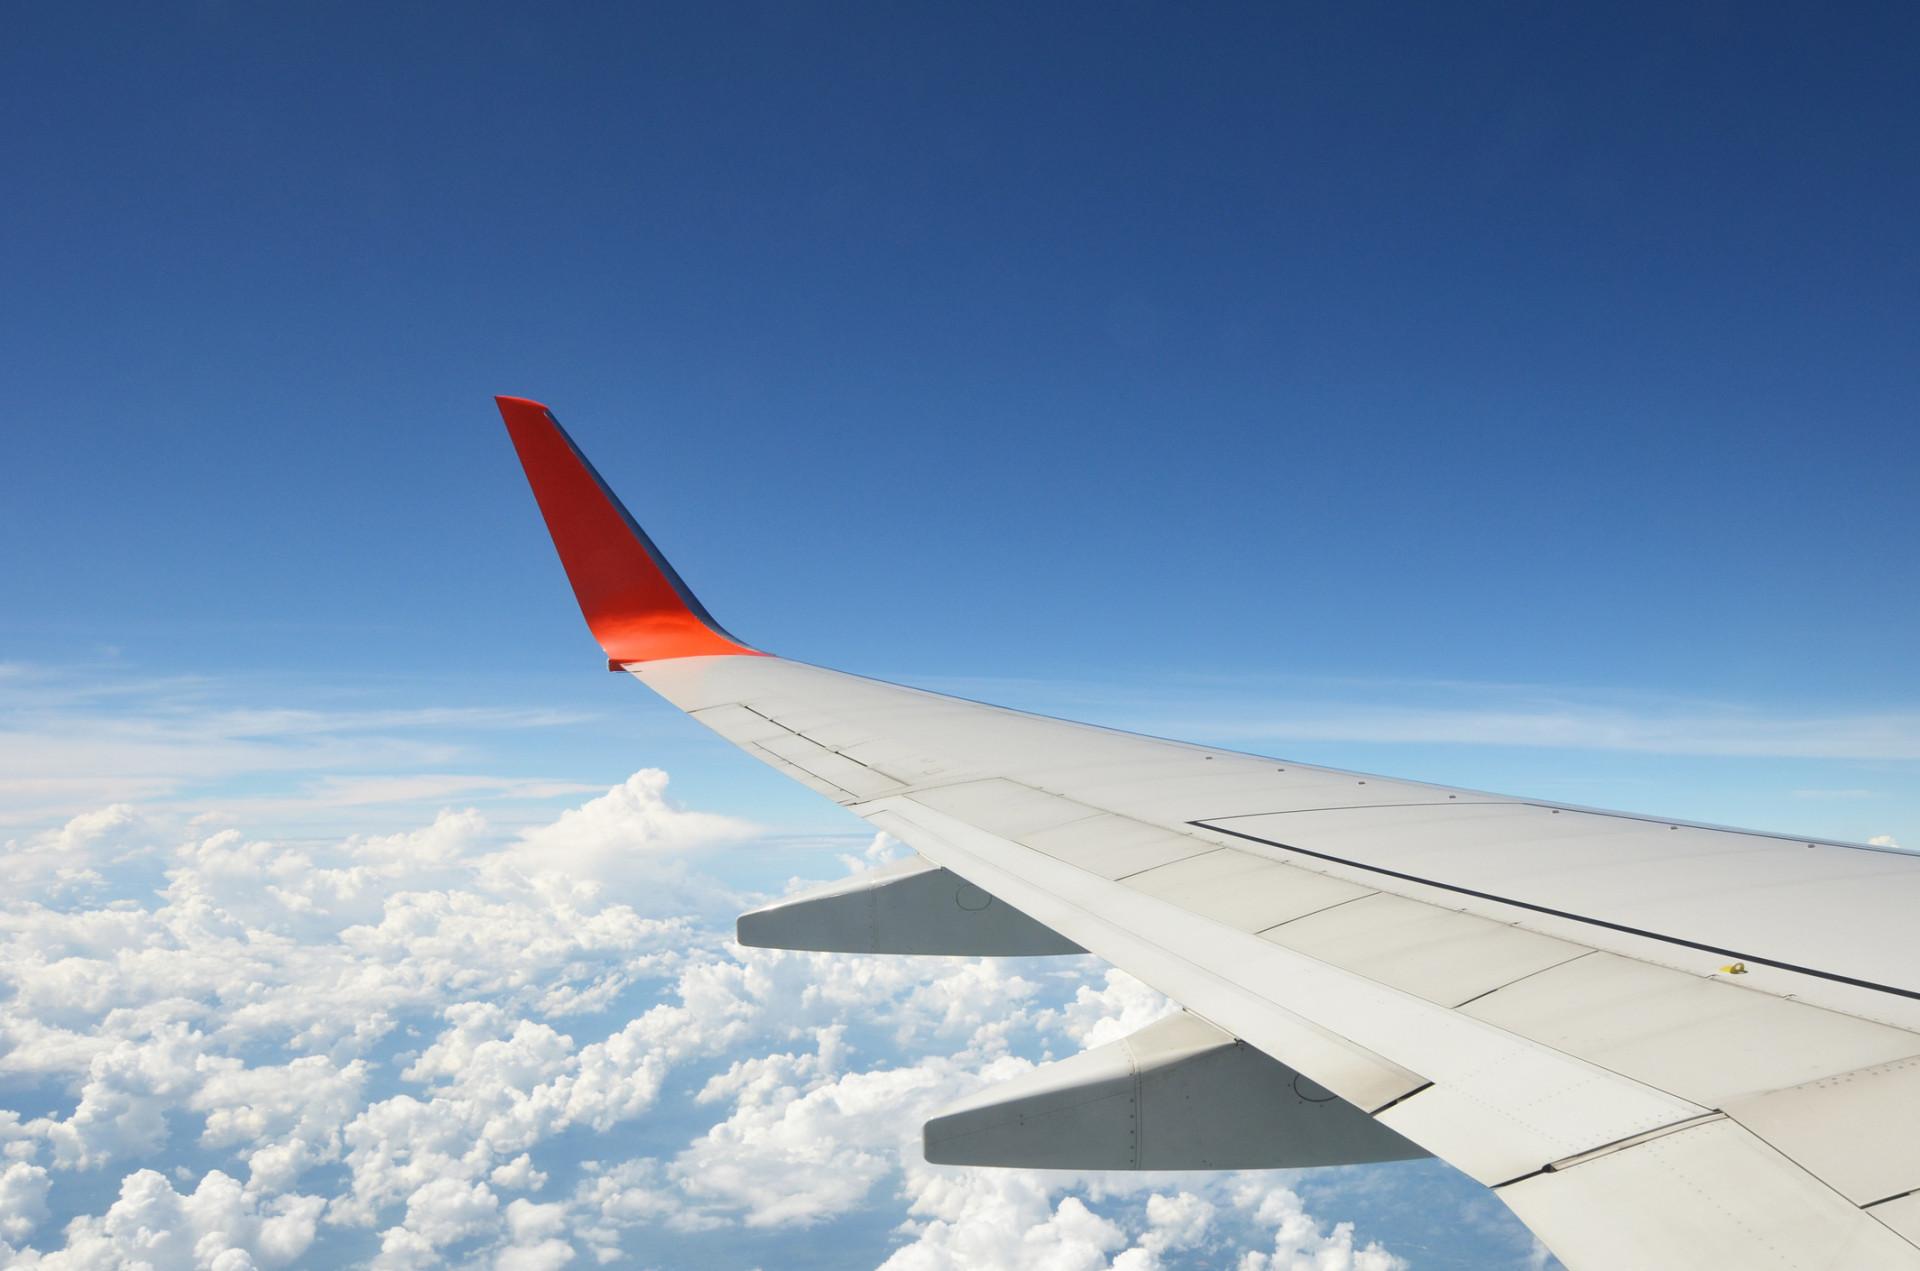 Com vontade de viajar pelo mundo? Siga estas dicas primeiro